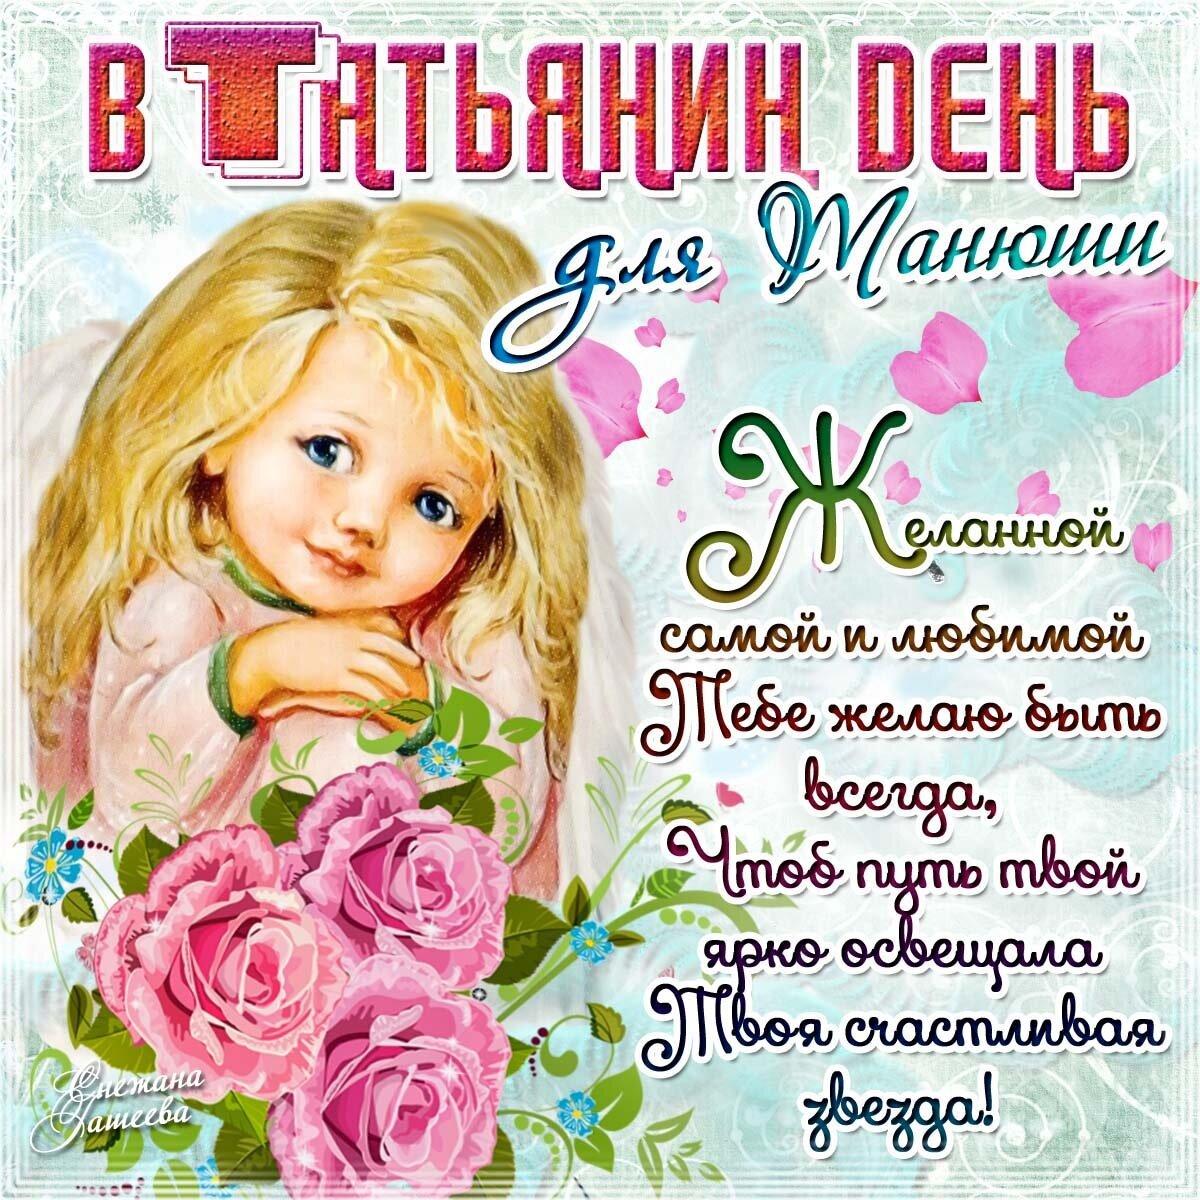 Картинка поздравлялка с татьяниным днем, гвоздя жезла открытки